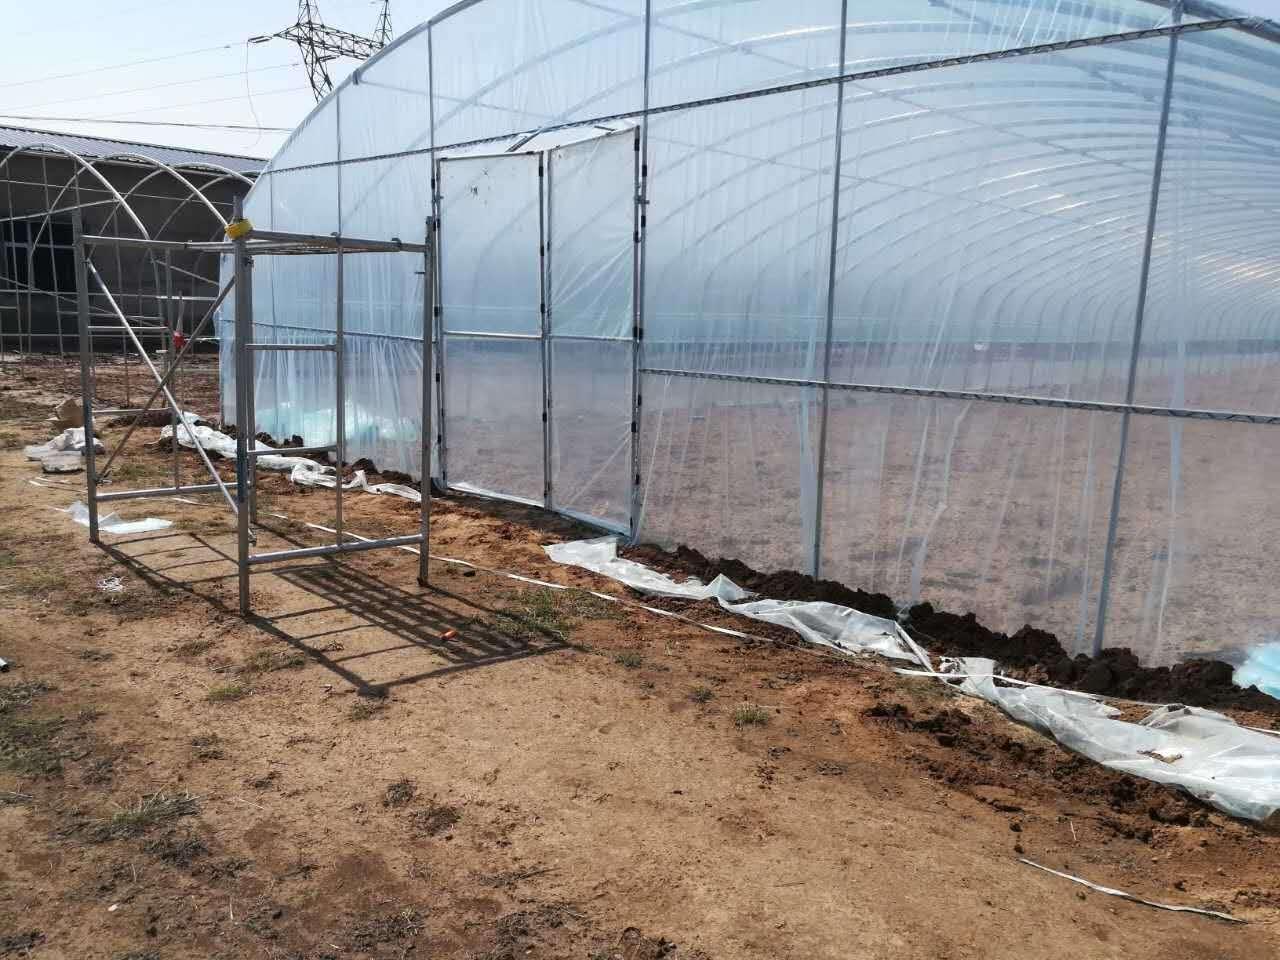 定西温室大棚 定西蔬菜大棚生产厂家 甘肃发迪专业温室大棚厂家直销